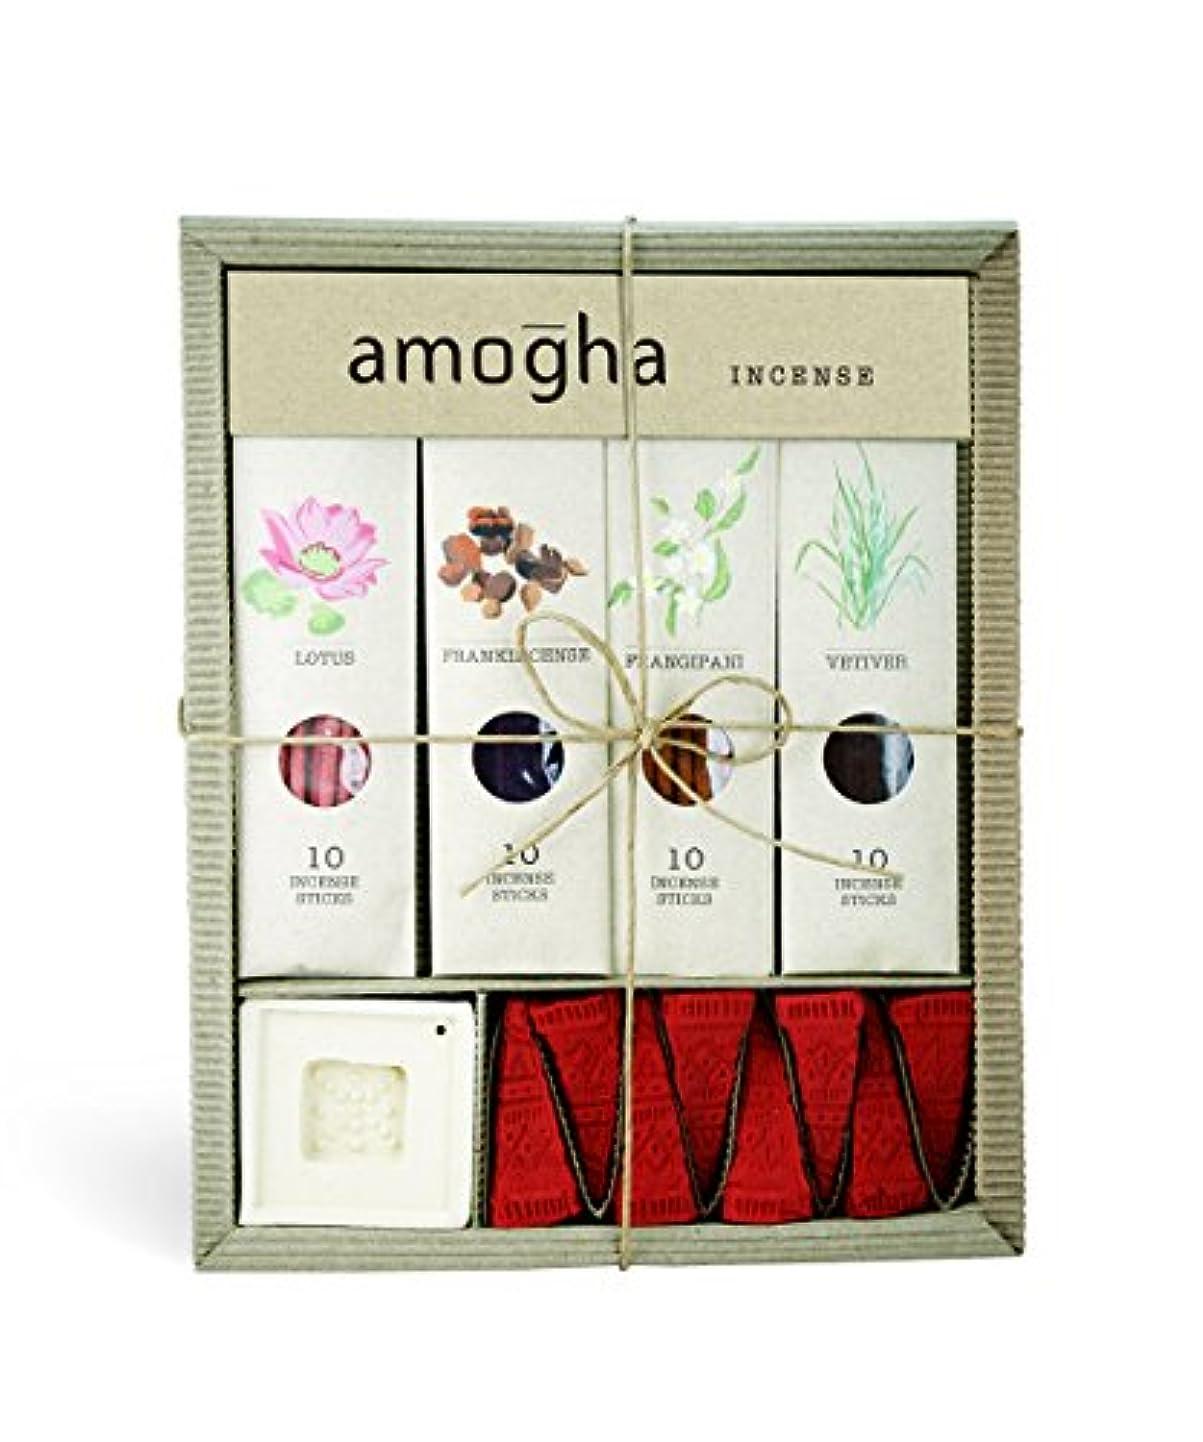 スケート盆地ブリークIris Amogha Incense with 10 Sticks - Lotus, Frankincense, Frangipani & Vetiver Gift Set